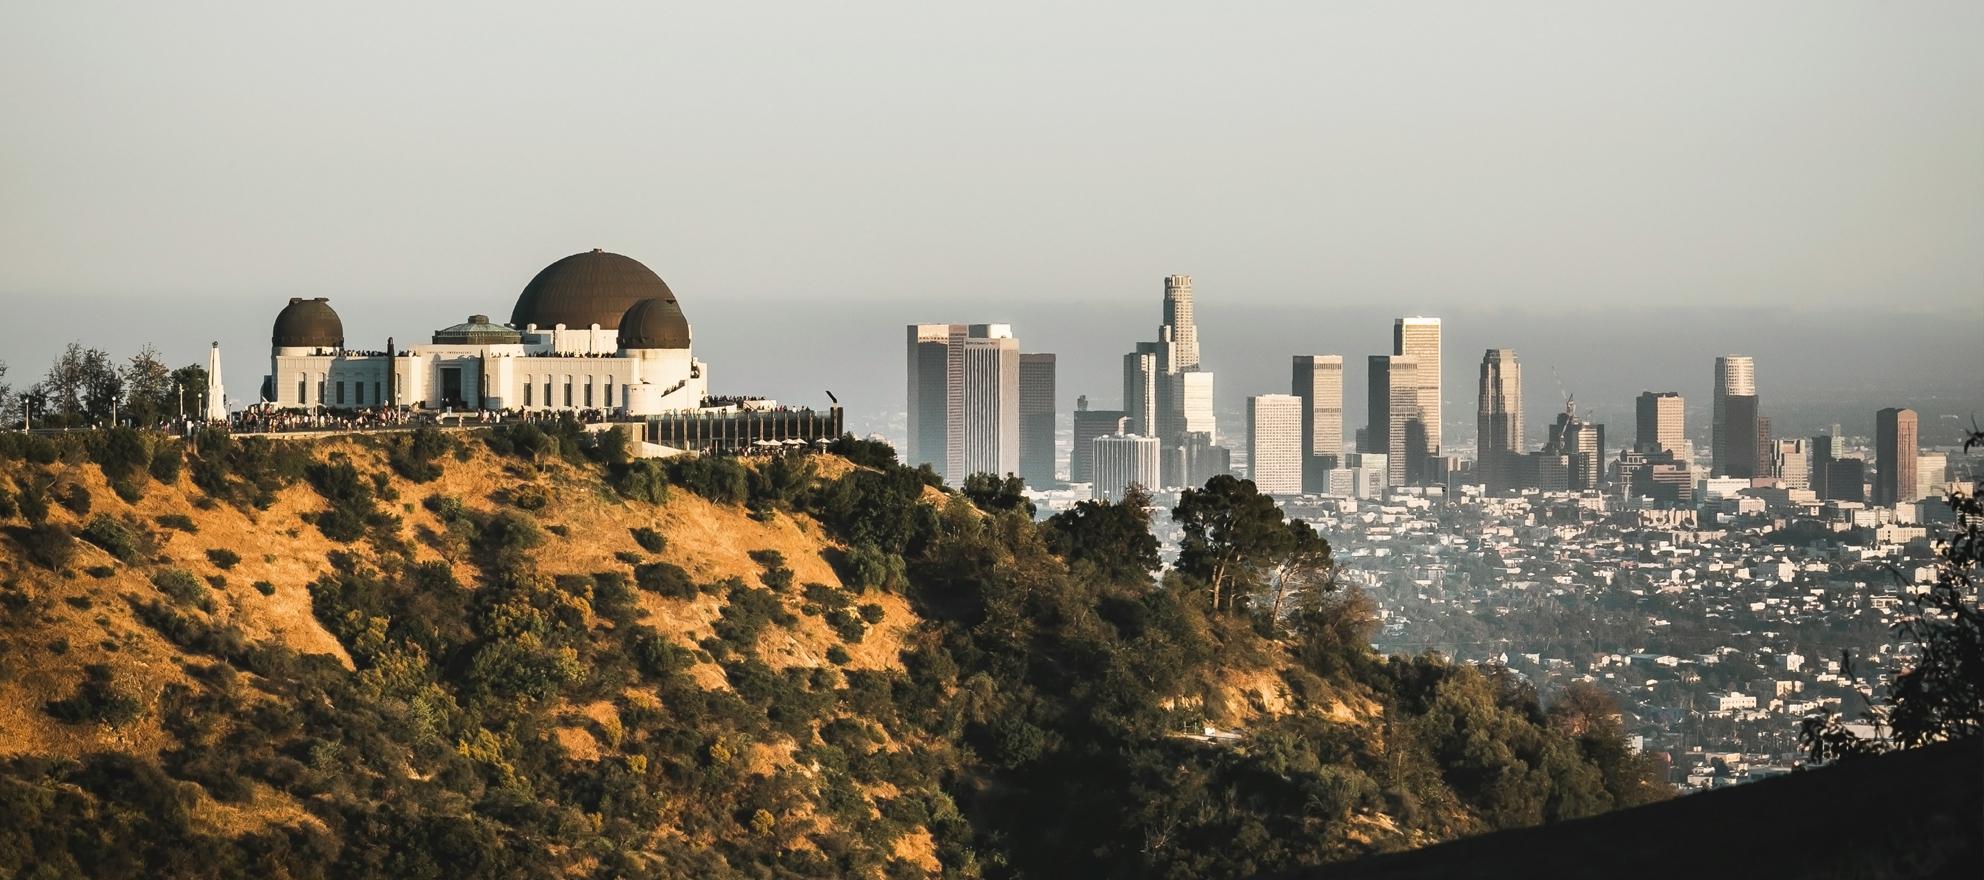 LA expansion